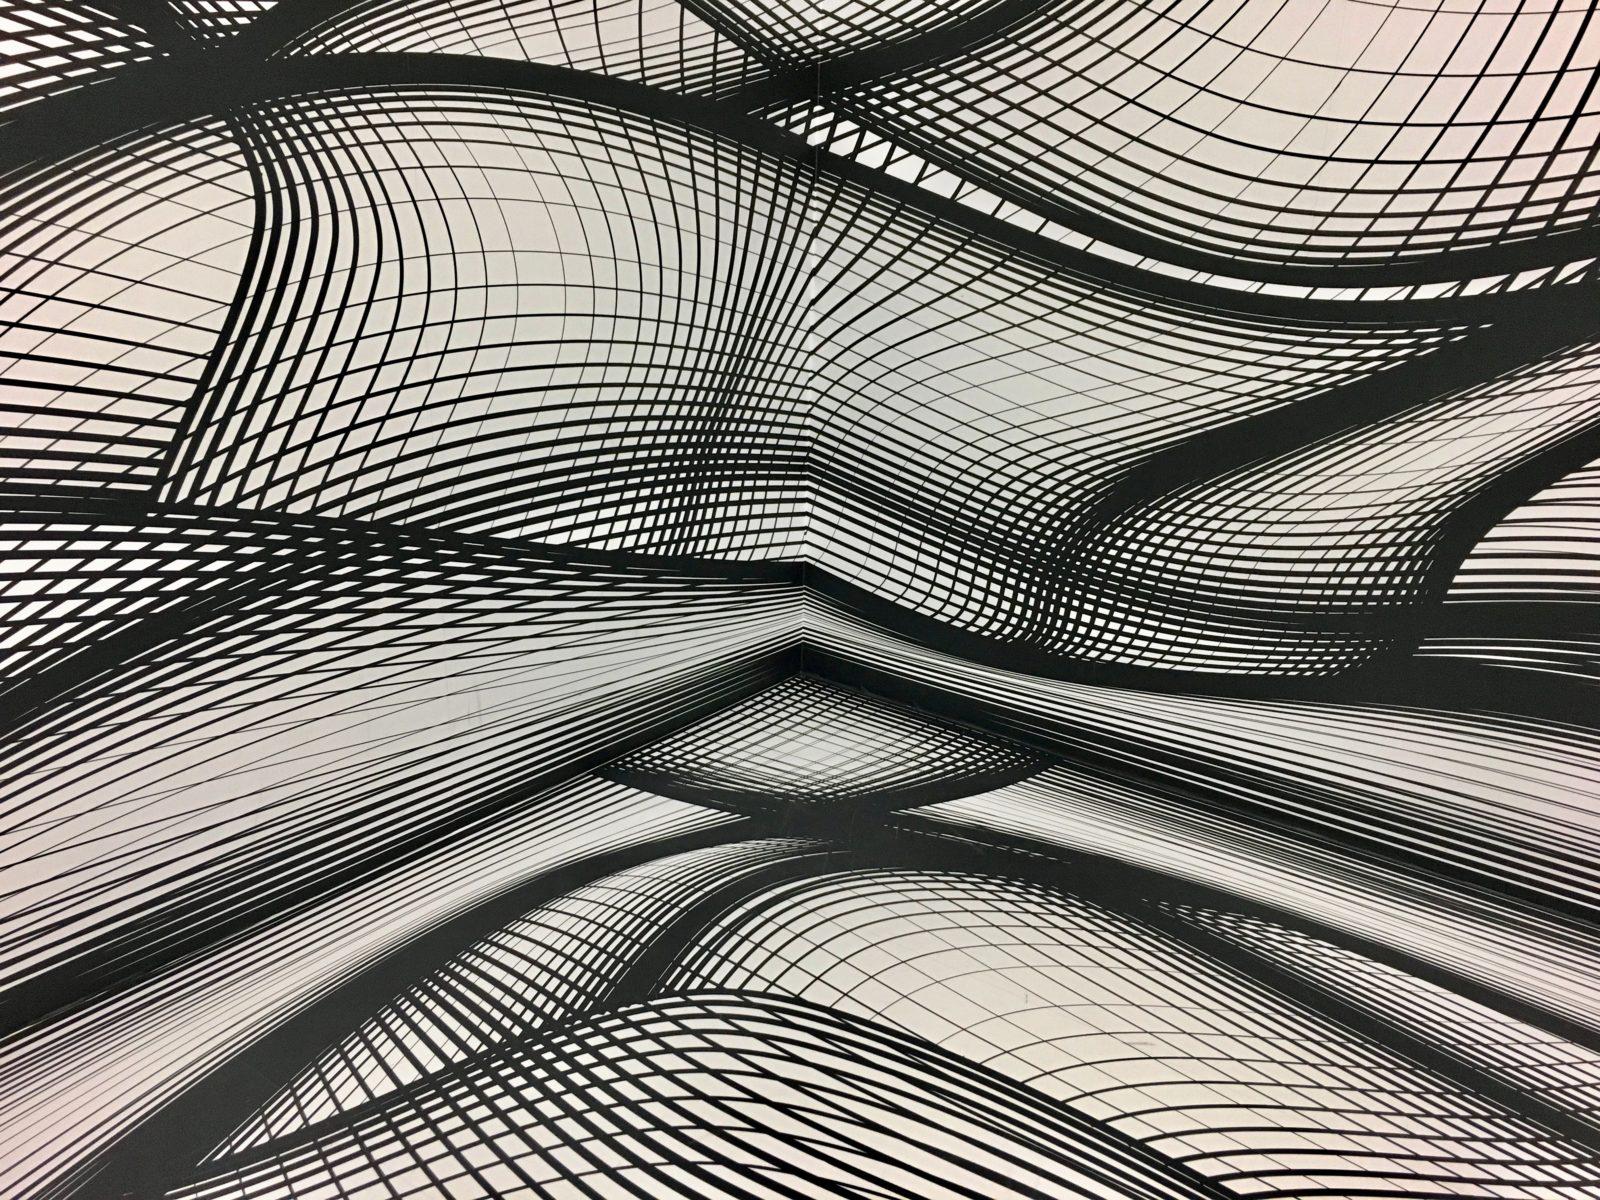 Wavey Pattern